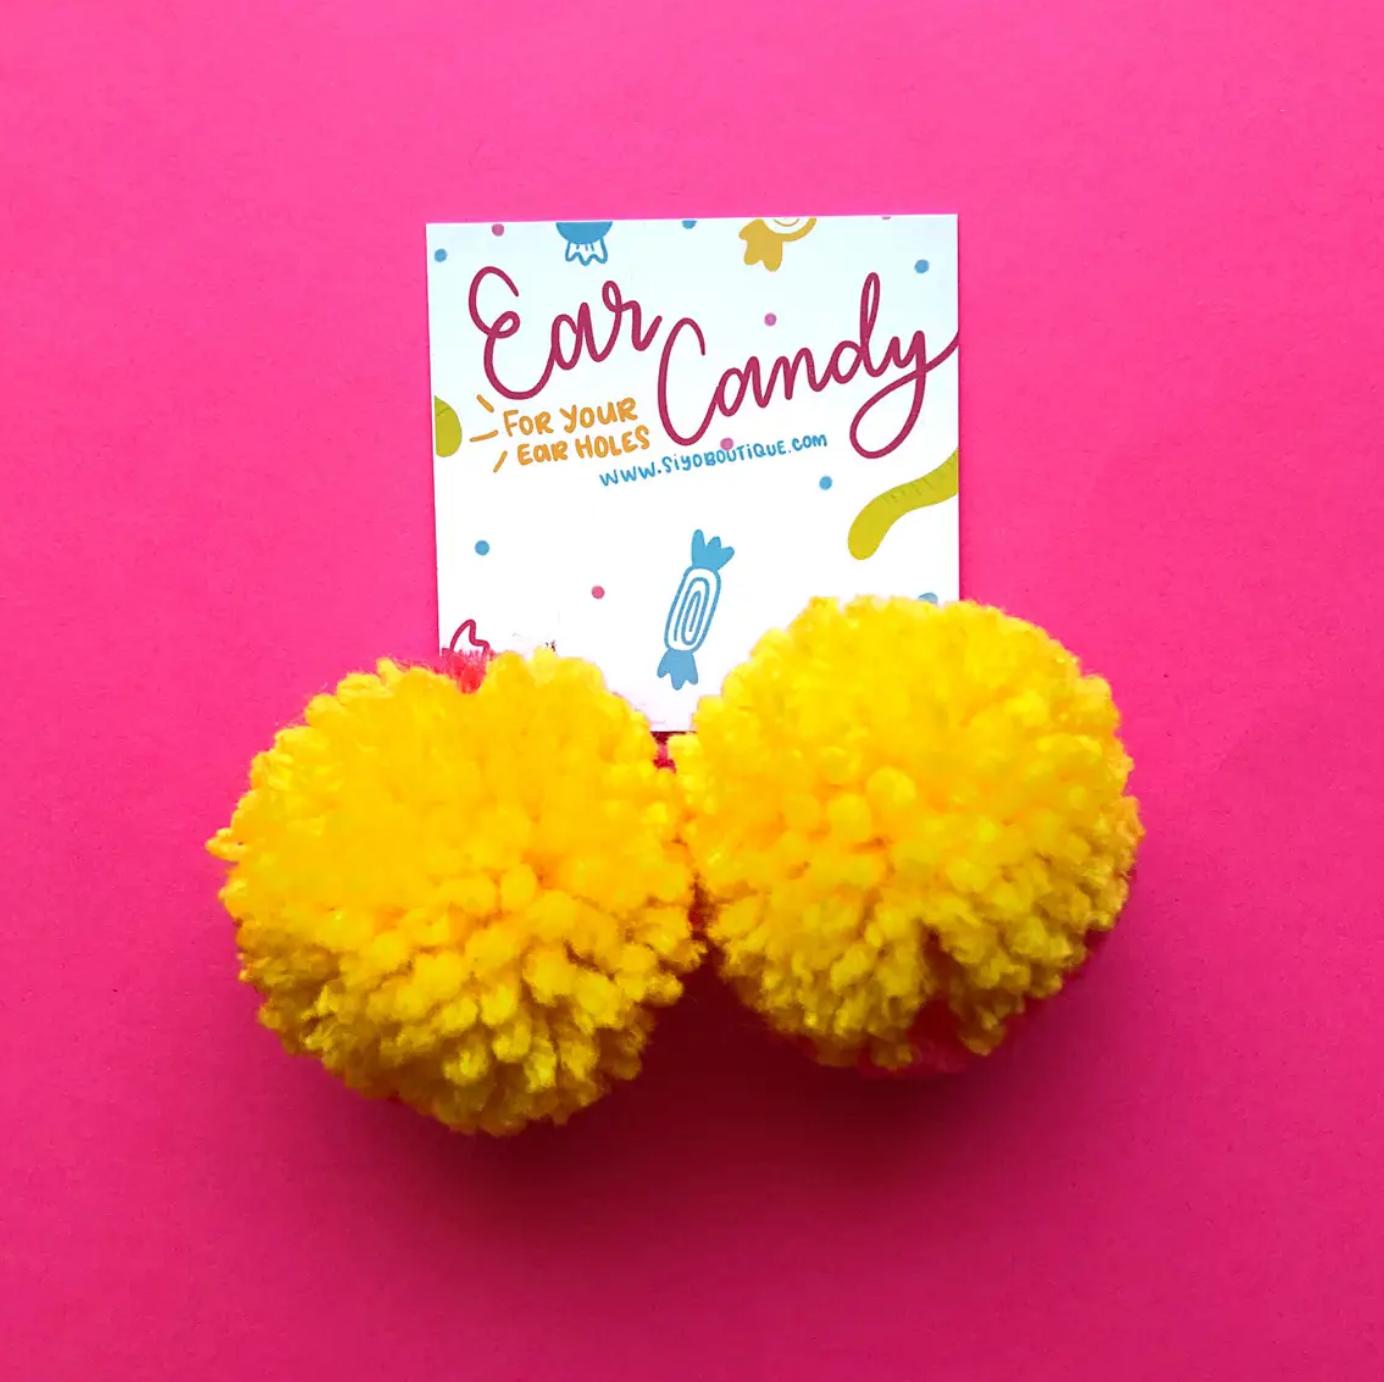 Siyo Boutique Strawb-Lem Pom Pom Earrings